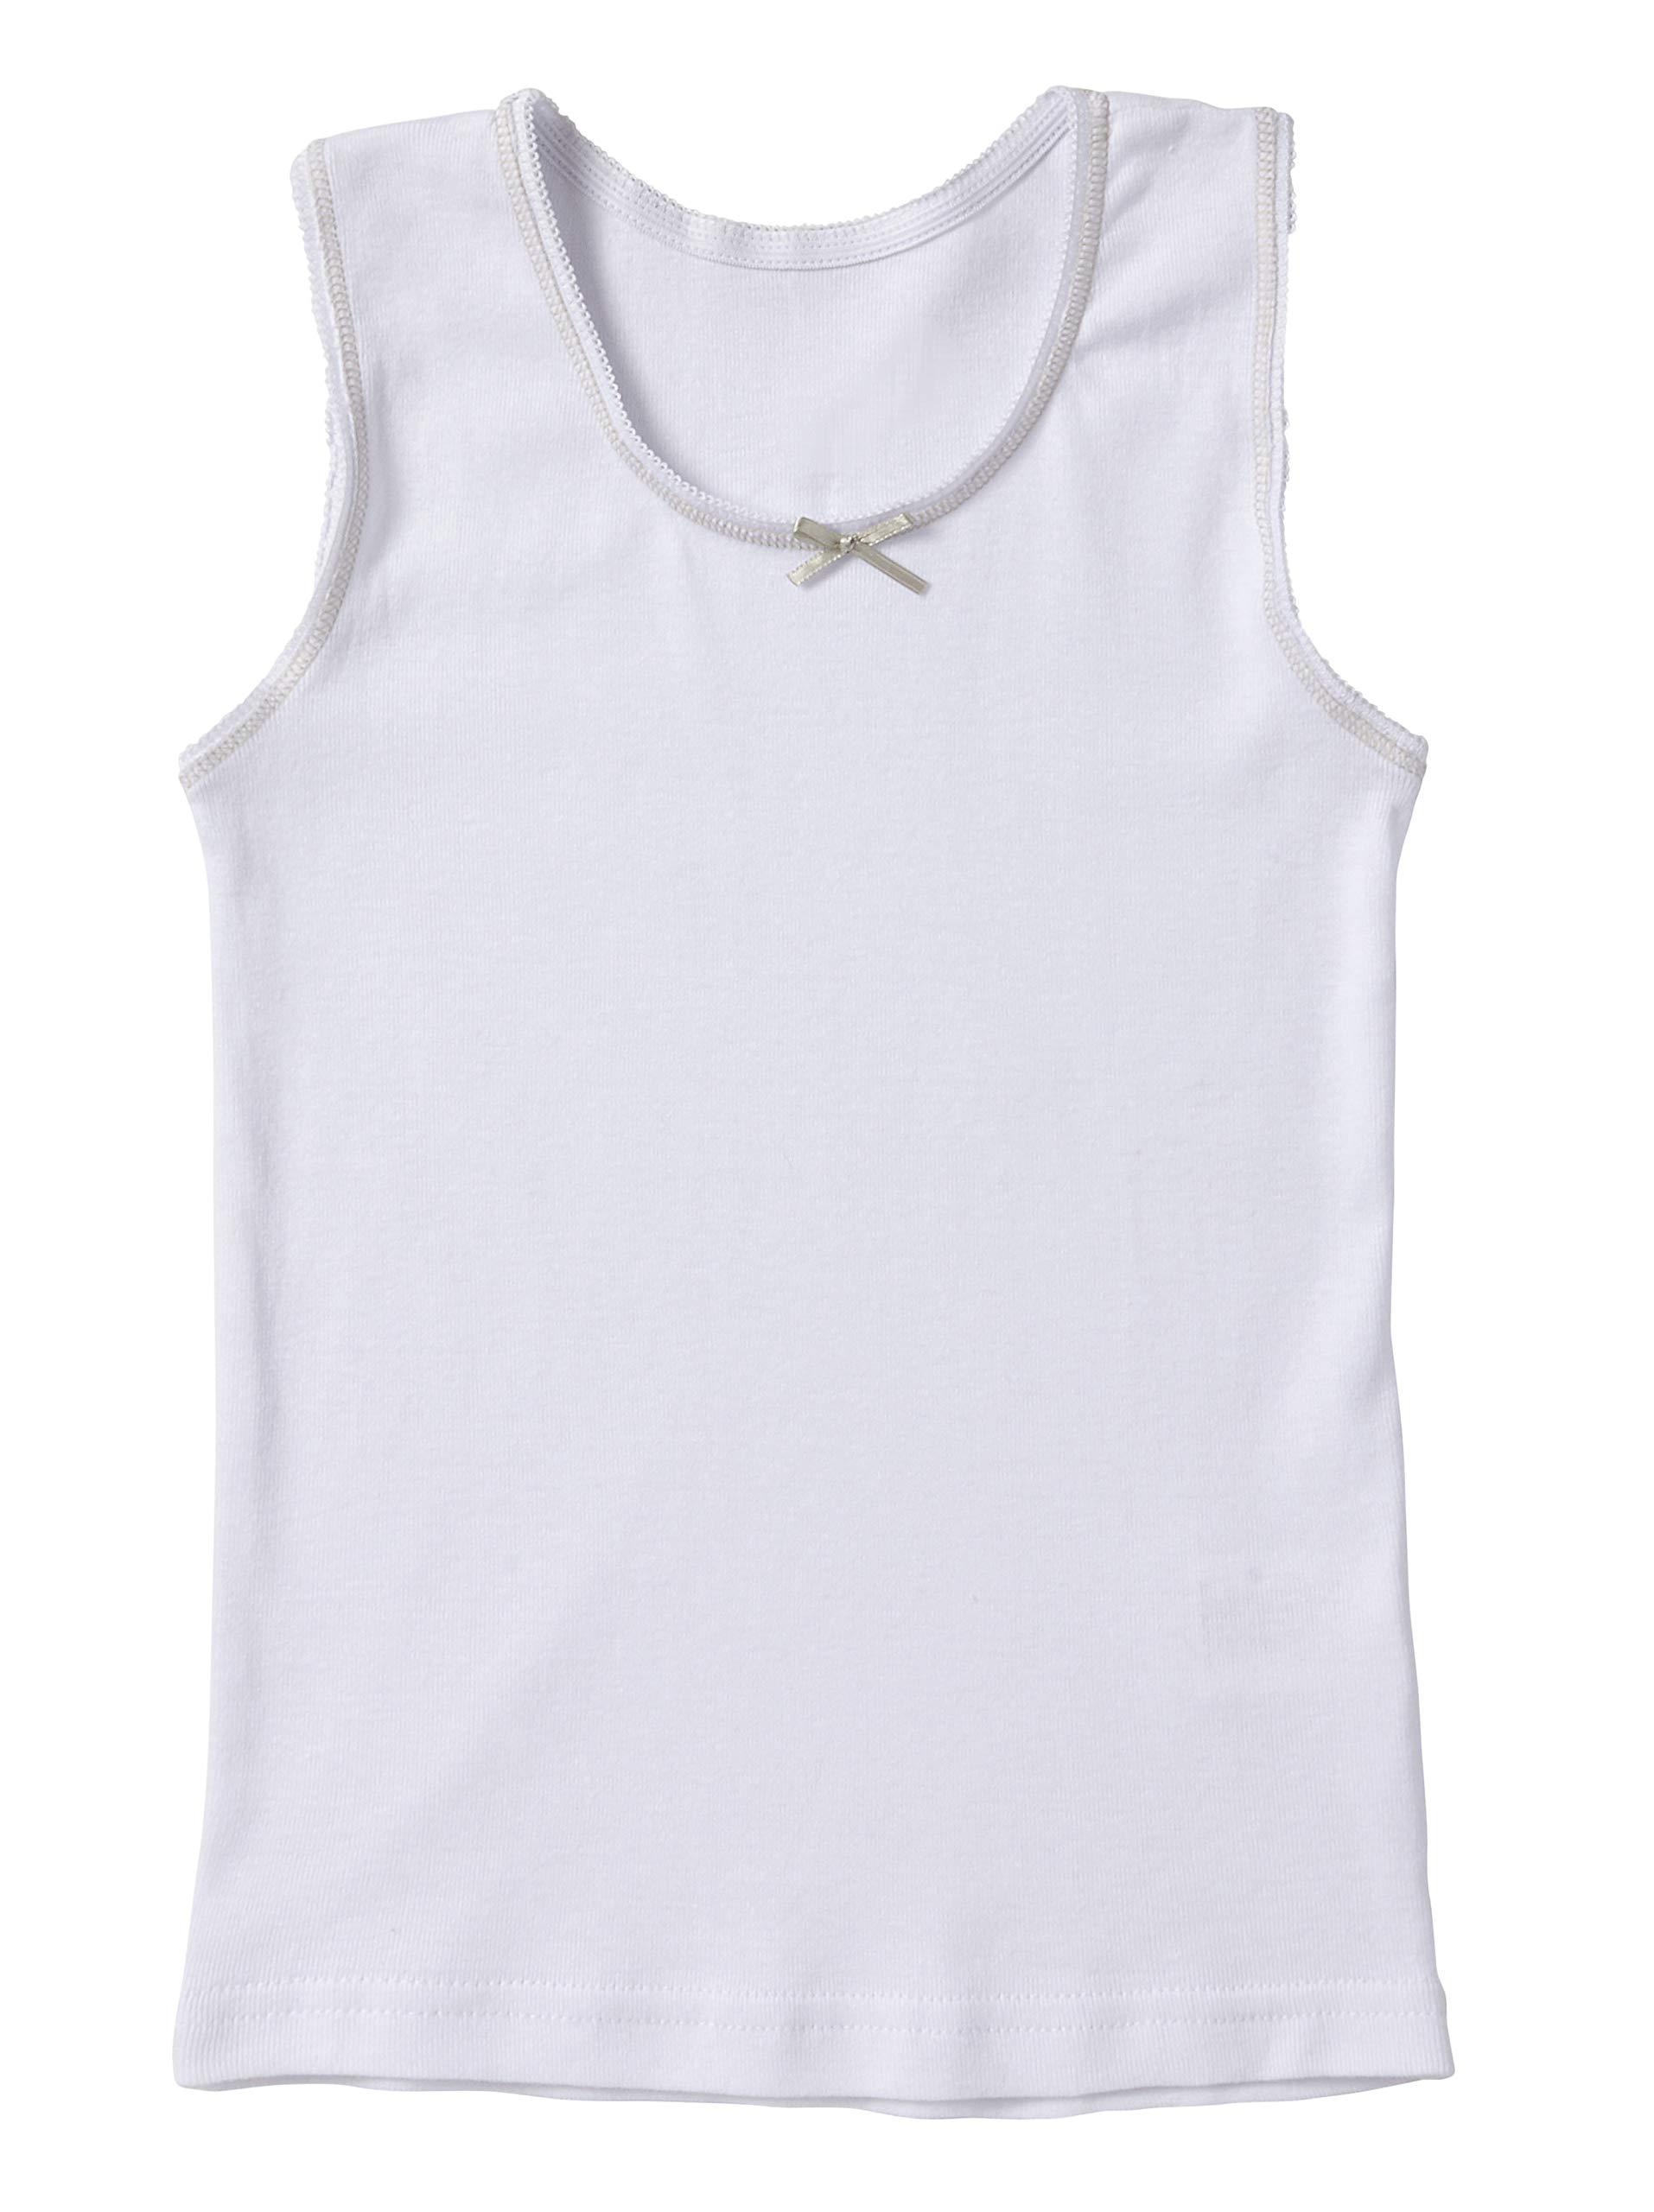 Sportoli Girls Ultra Soft 100% Cotton White Tagless Tank Top Undershirts - Size 6/7 by Sportoli (Image #4)